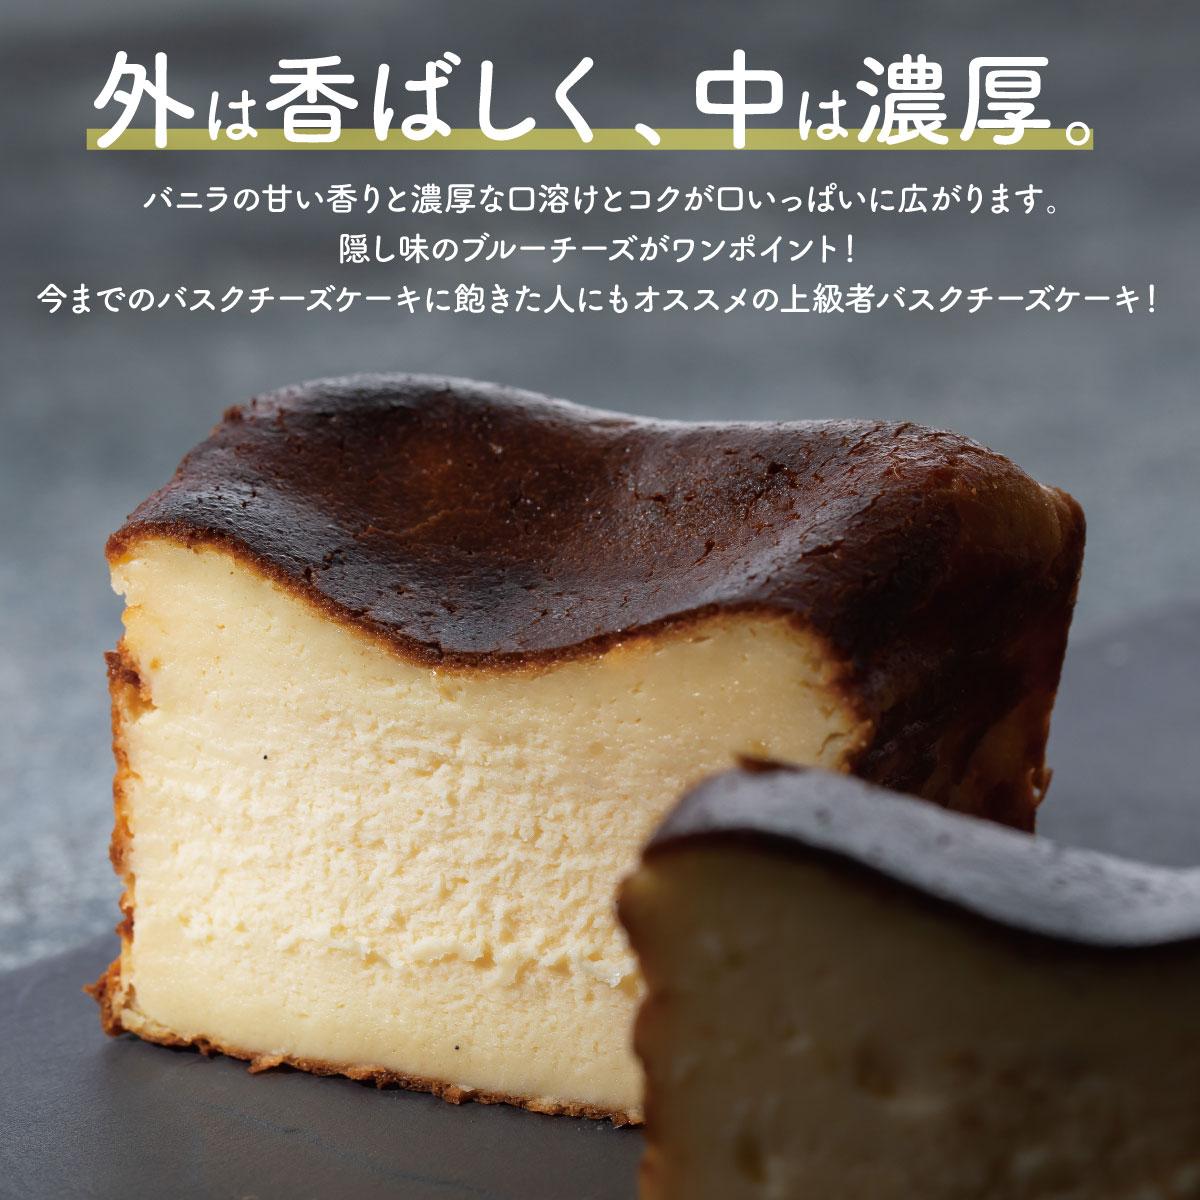 ギフトプレゼントスイーツ送料無料バスクチーズケーキ濃厚チーズケーキ冷凍内祝いお取り寄せスイーツスティックお菓子お返し退職お礼プチギフト